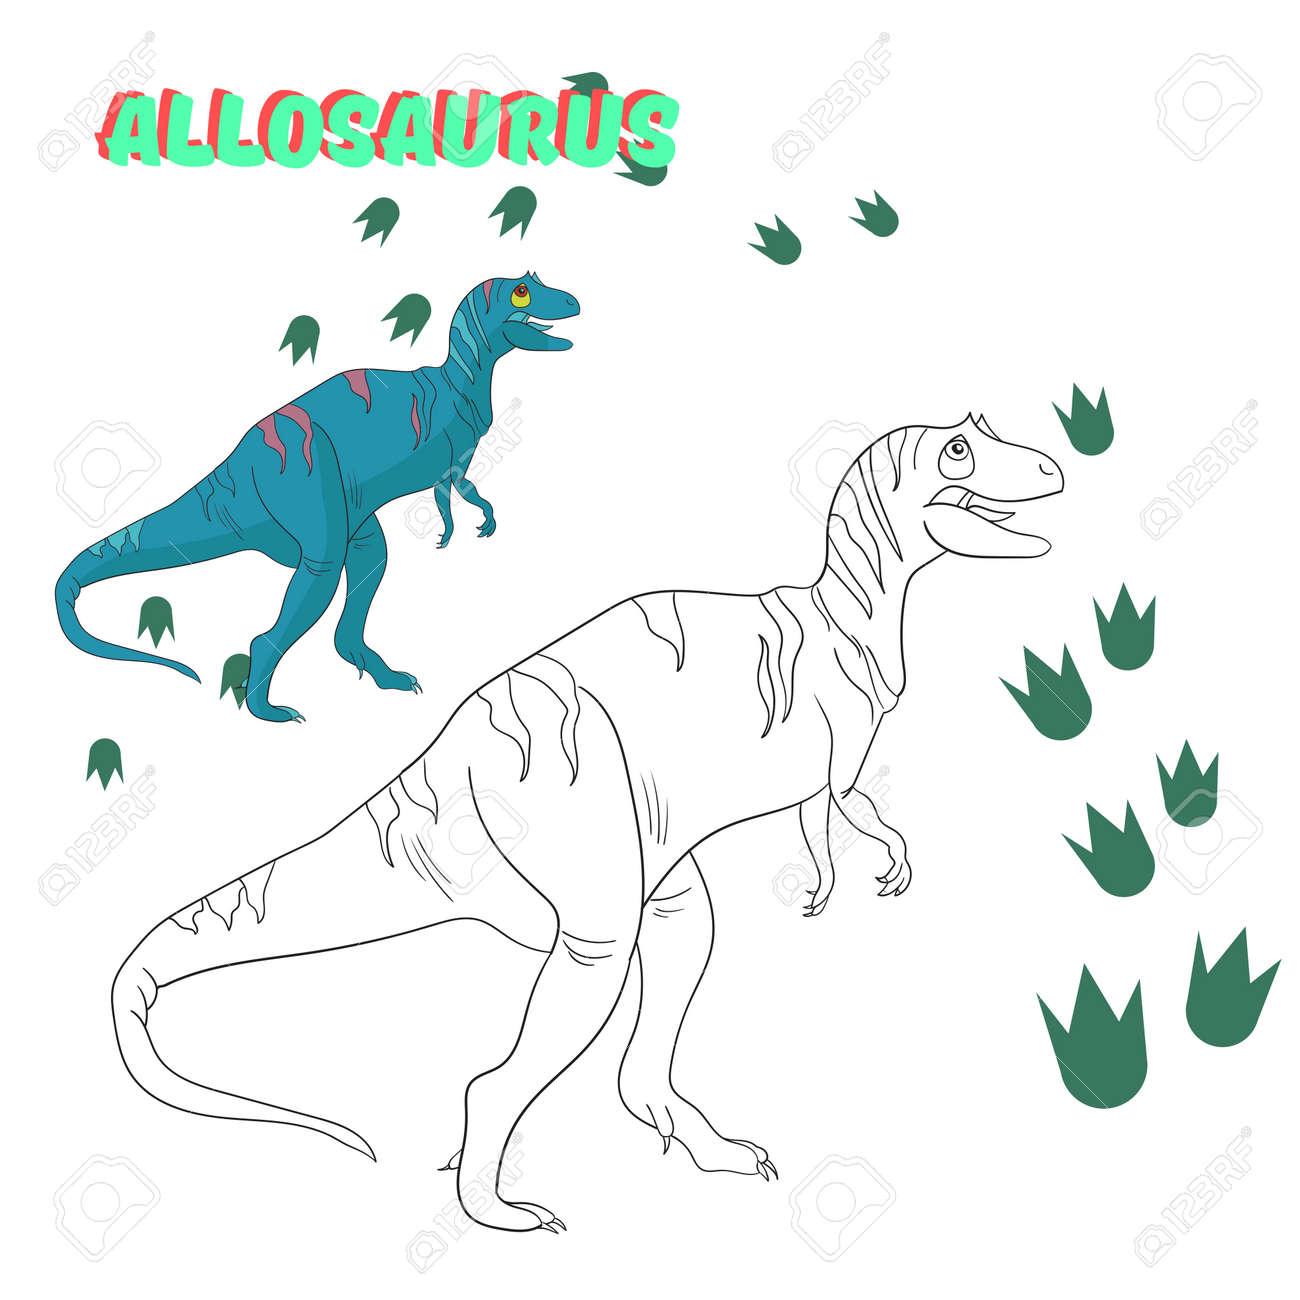 Ziemlich Dino Malbuch Bilder - Druckbare Malvorlagen - amaichi.info